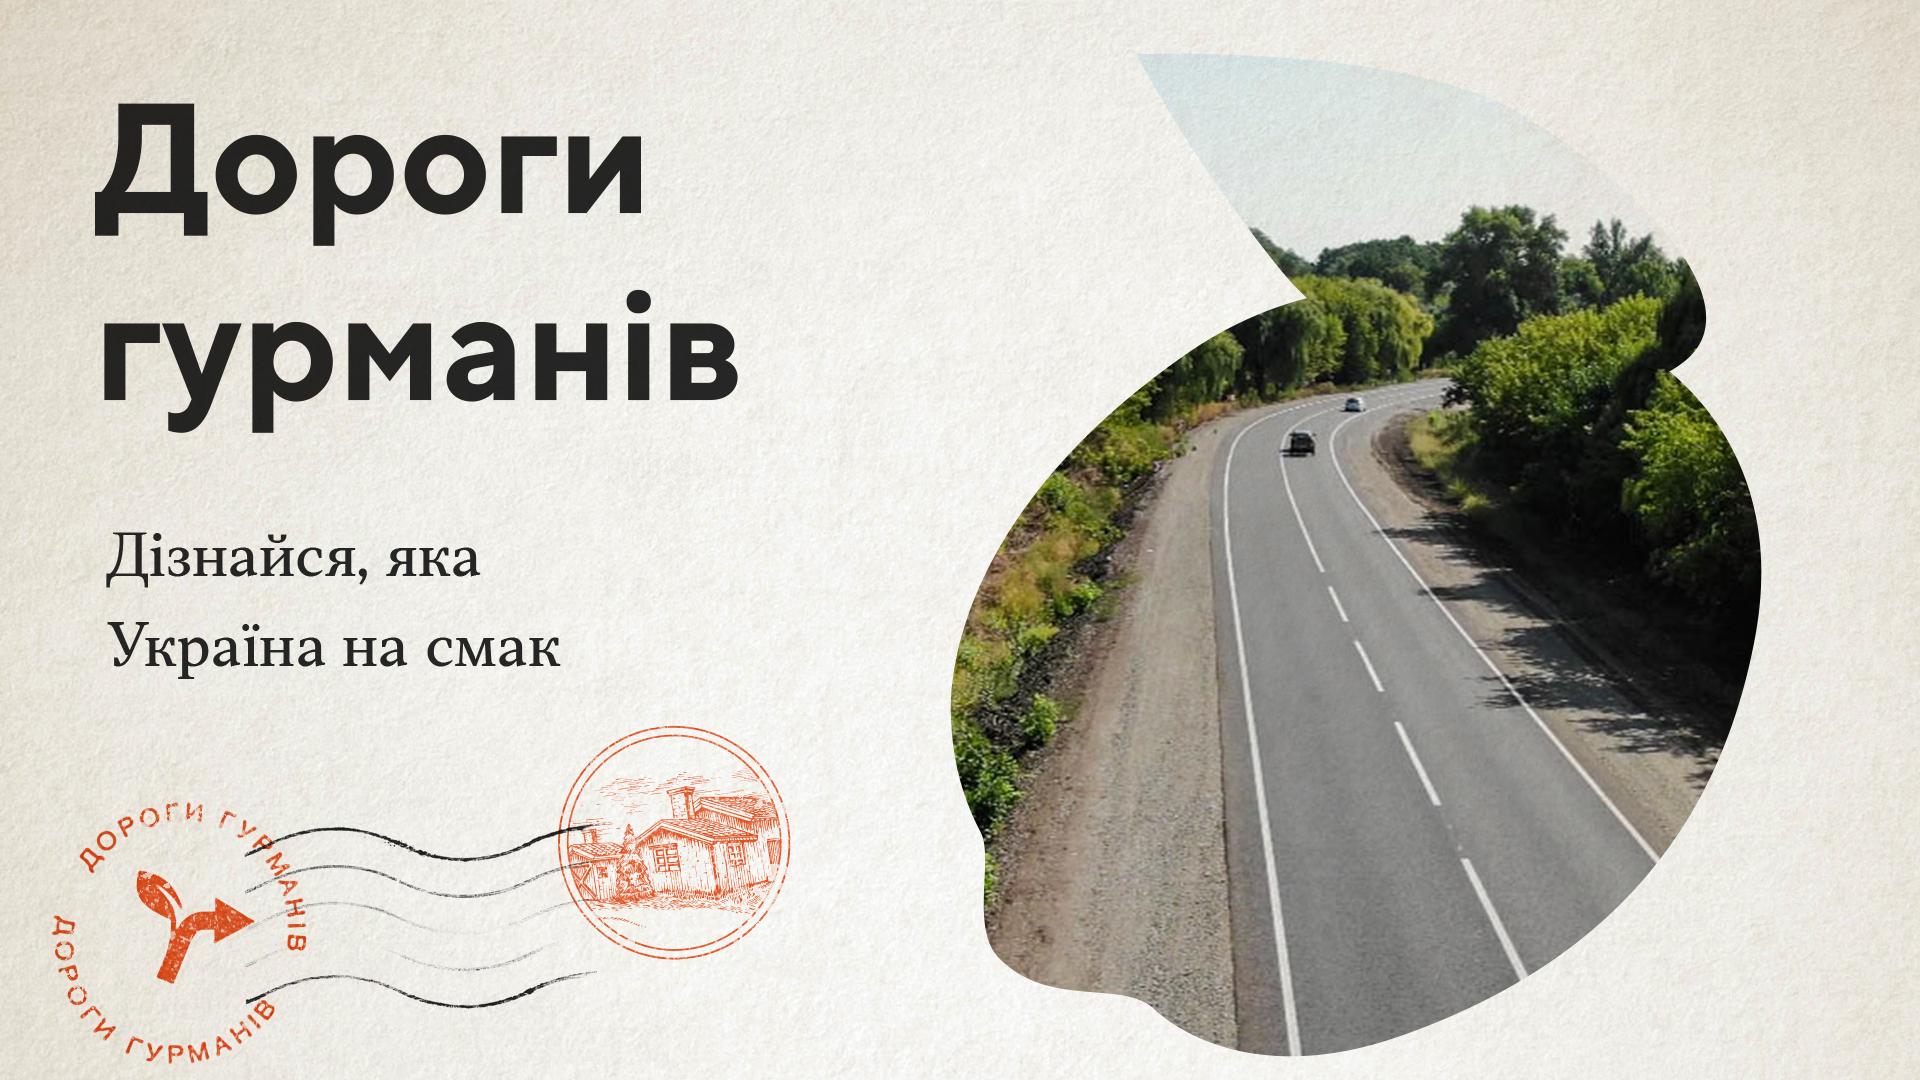 Дороги гурманів. 100 крафтових місць України